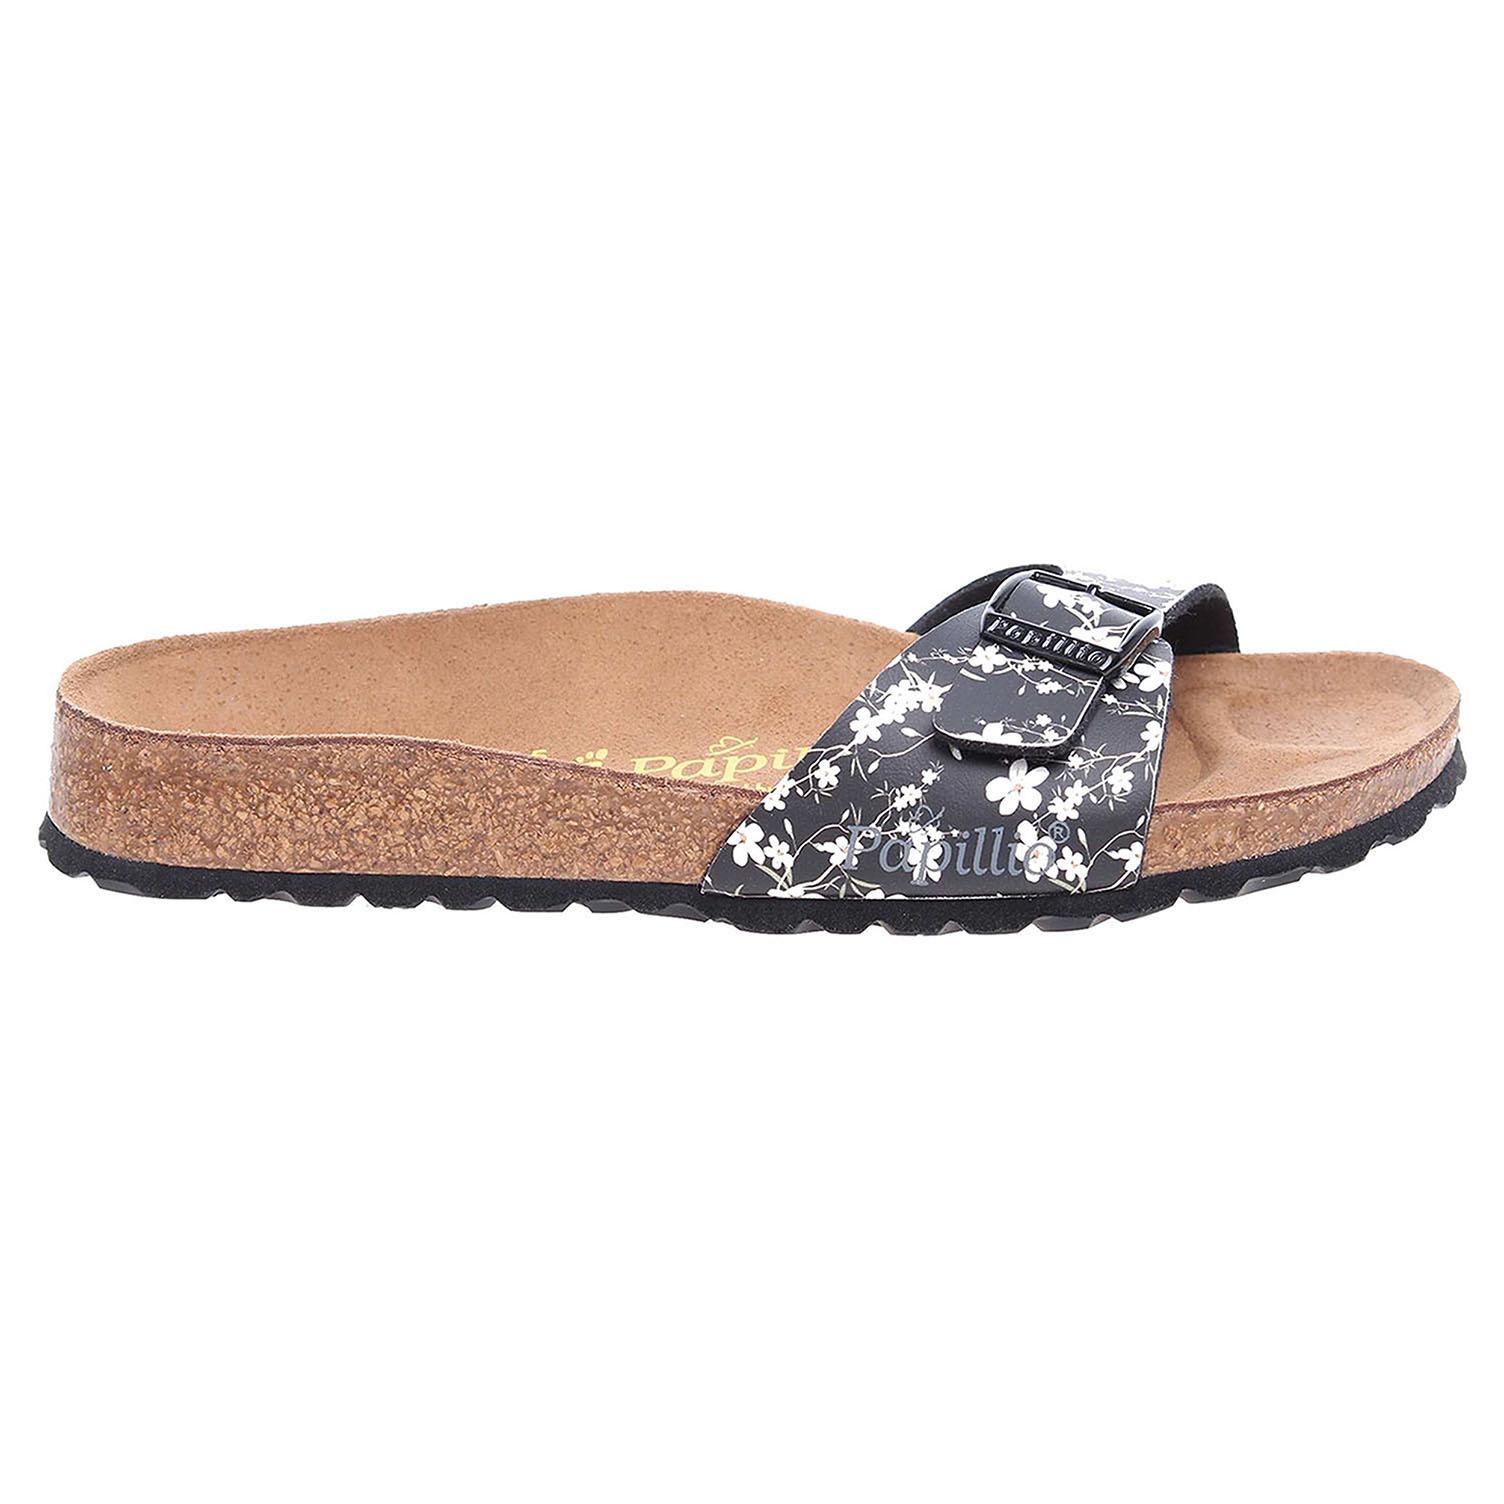 Papillio Madrid pantofle 271923 černá 271923 37